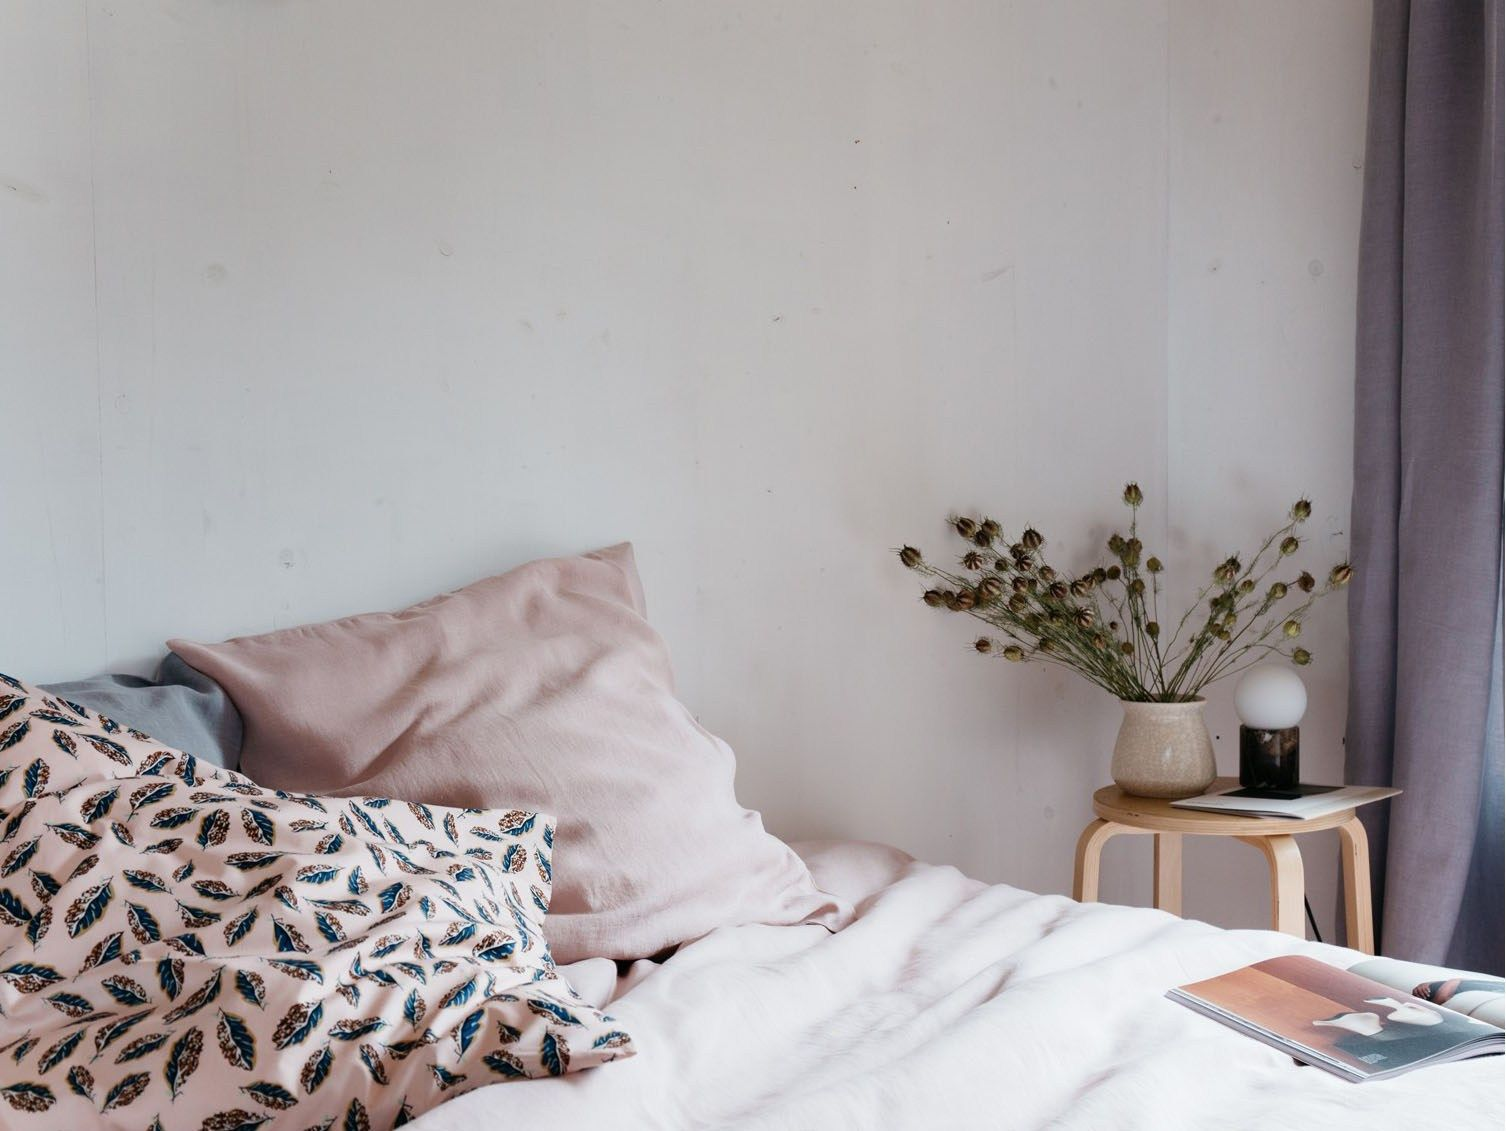 100 Génial Conseils Comment Aménager Sa Chambre Pour Bien Dormir